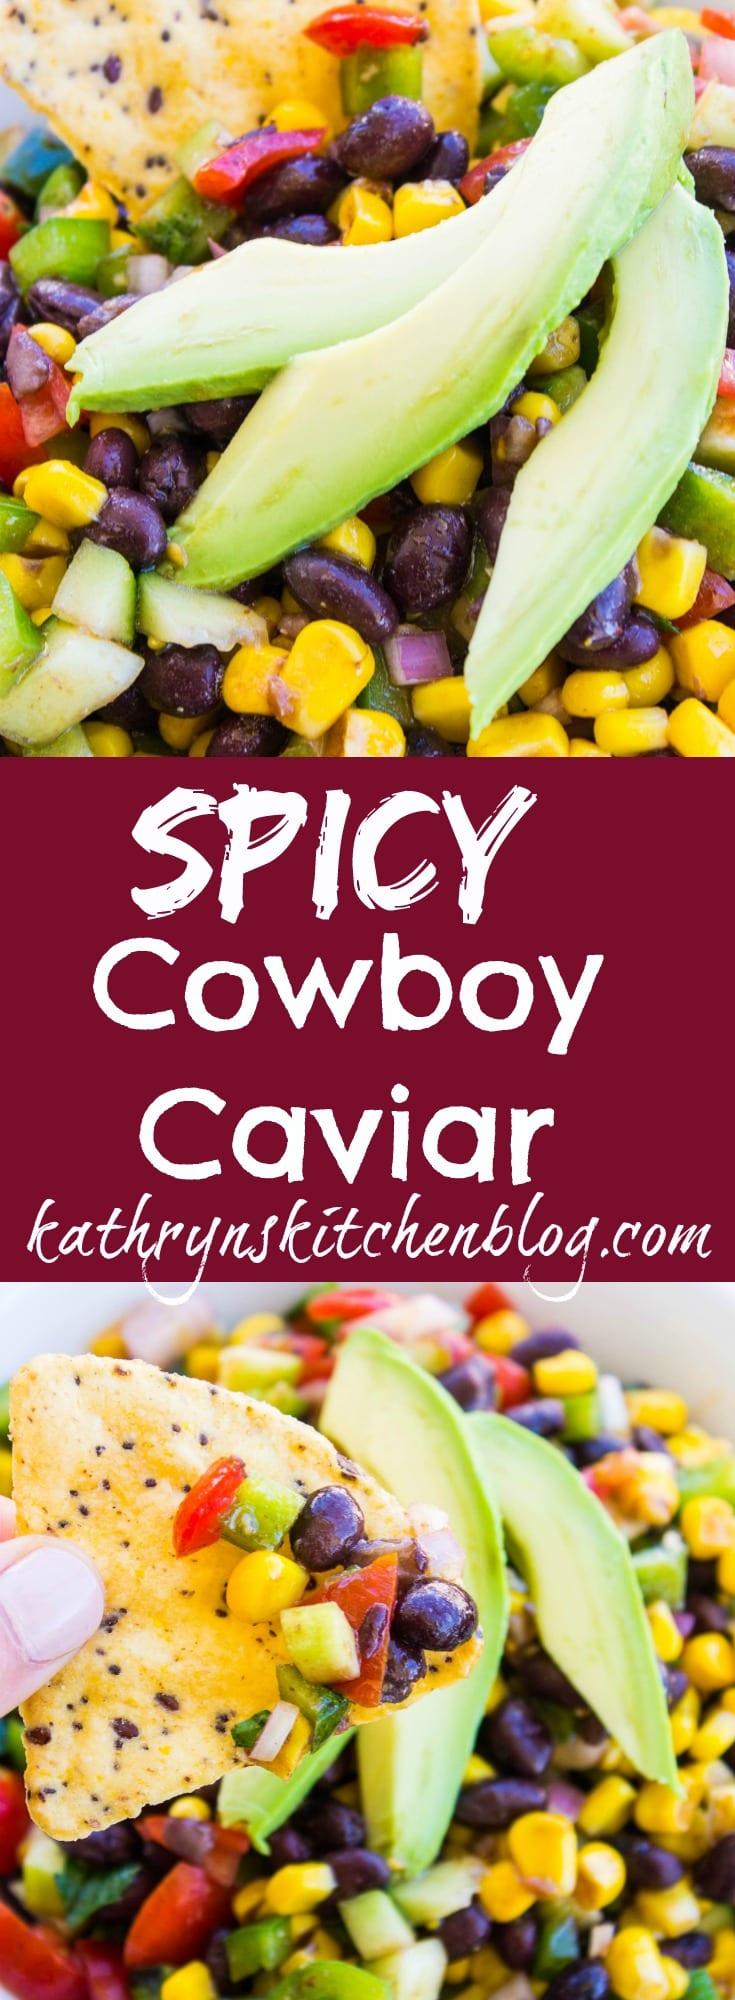 Spicy Cowboy Caviar 1